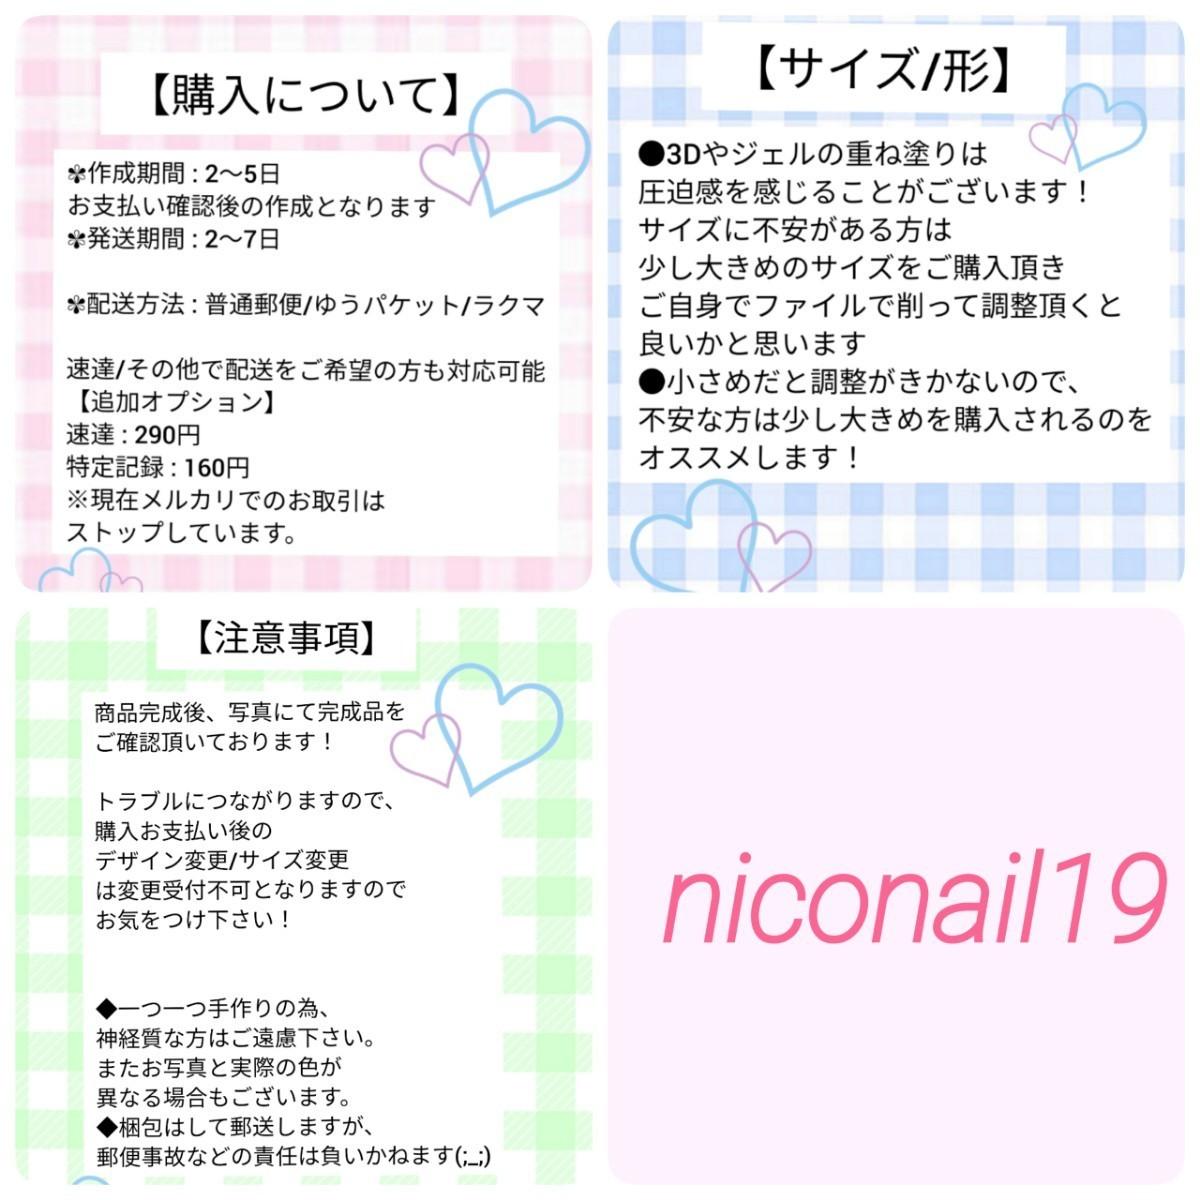 【オーダー専用】ネイルチップ ネイルパーツ オーダーネイル Snowman スノーマン 滝沢歌舞伎zero cryout